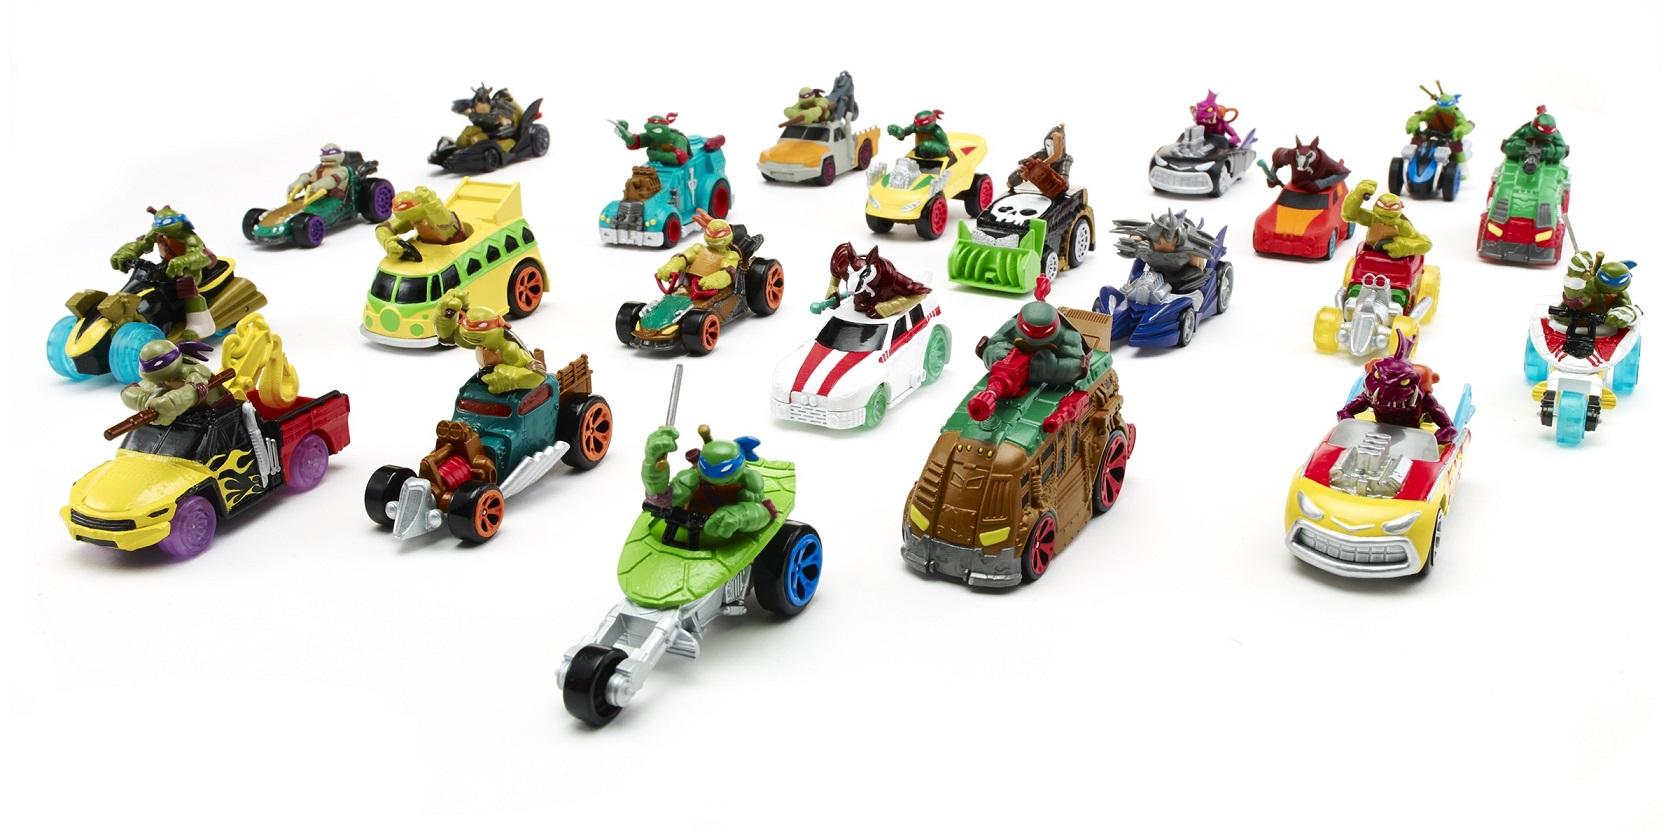 Купить Машинка из серии Черепашки-ниндзя, 7 см., несколько видов, Playmates